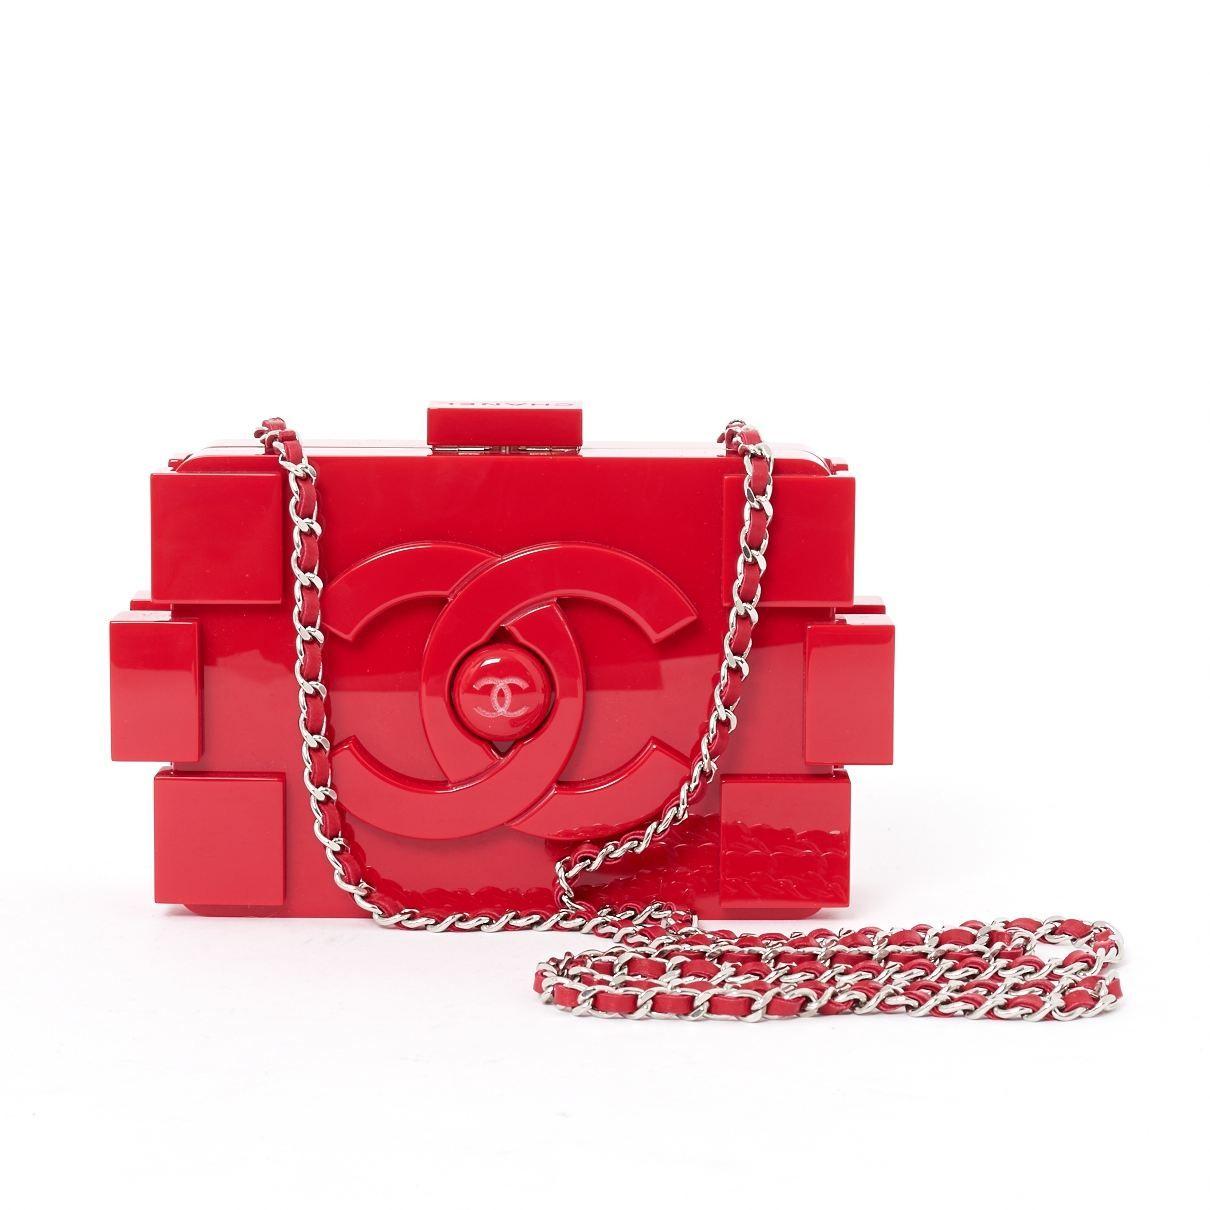 fd7ab05924b646 Lego bag   I am bagging you   Lego bag, Bags, Chanel